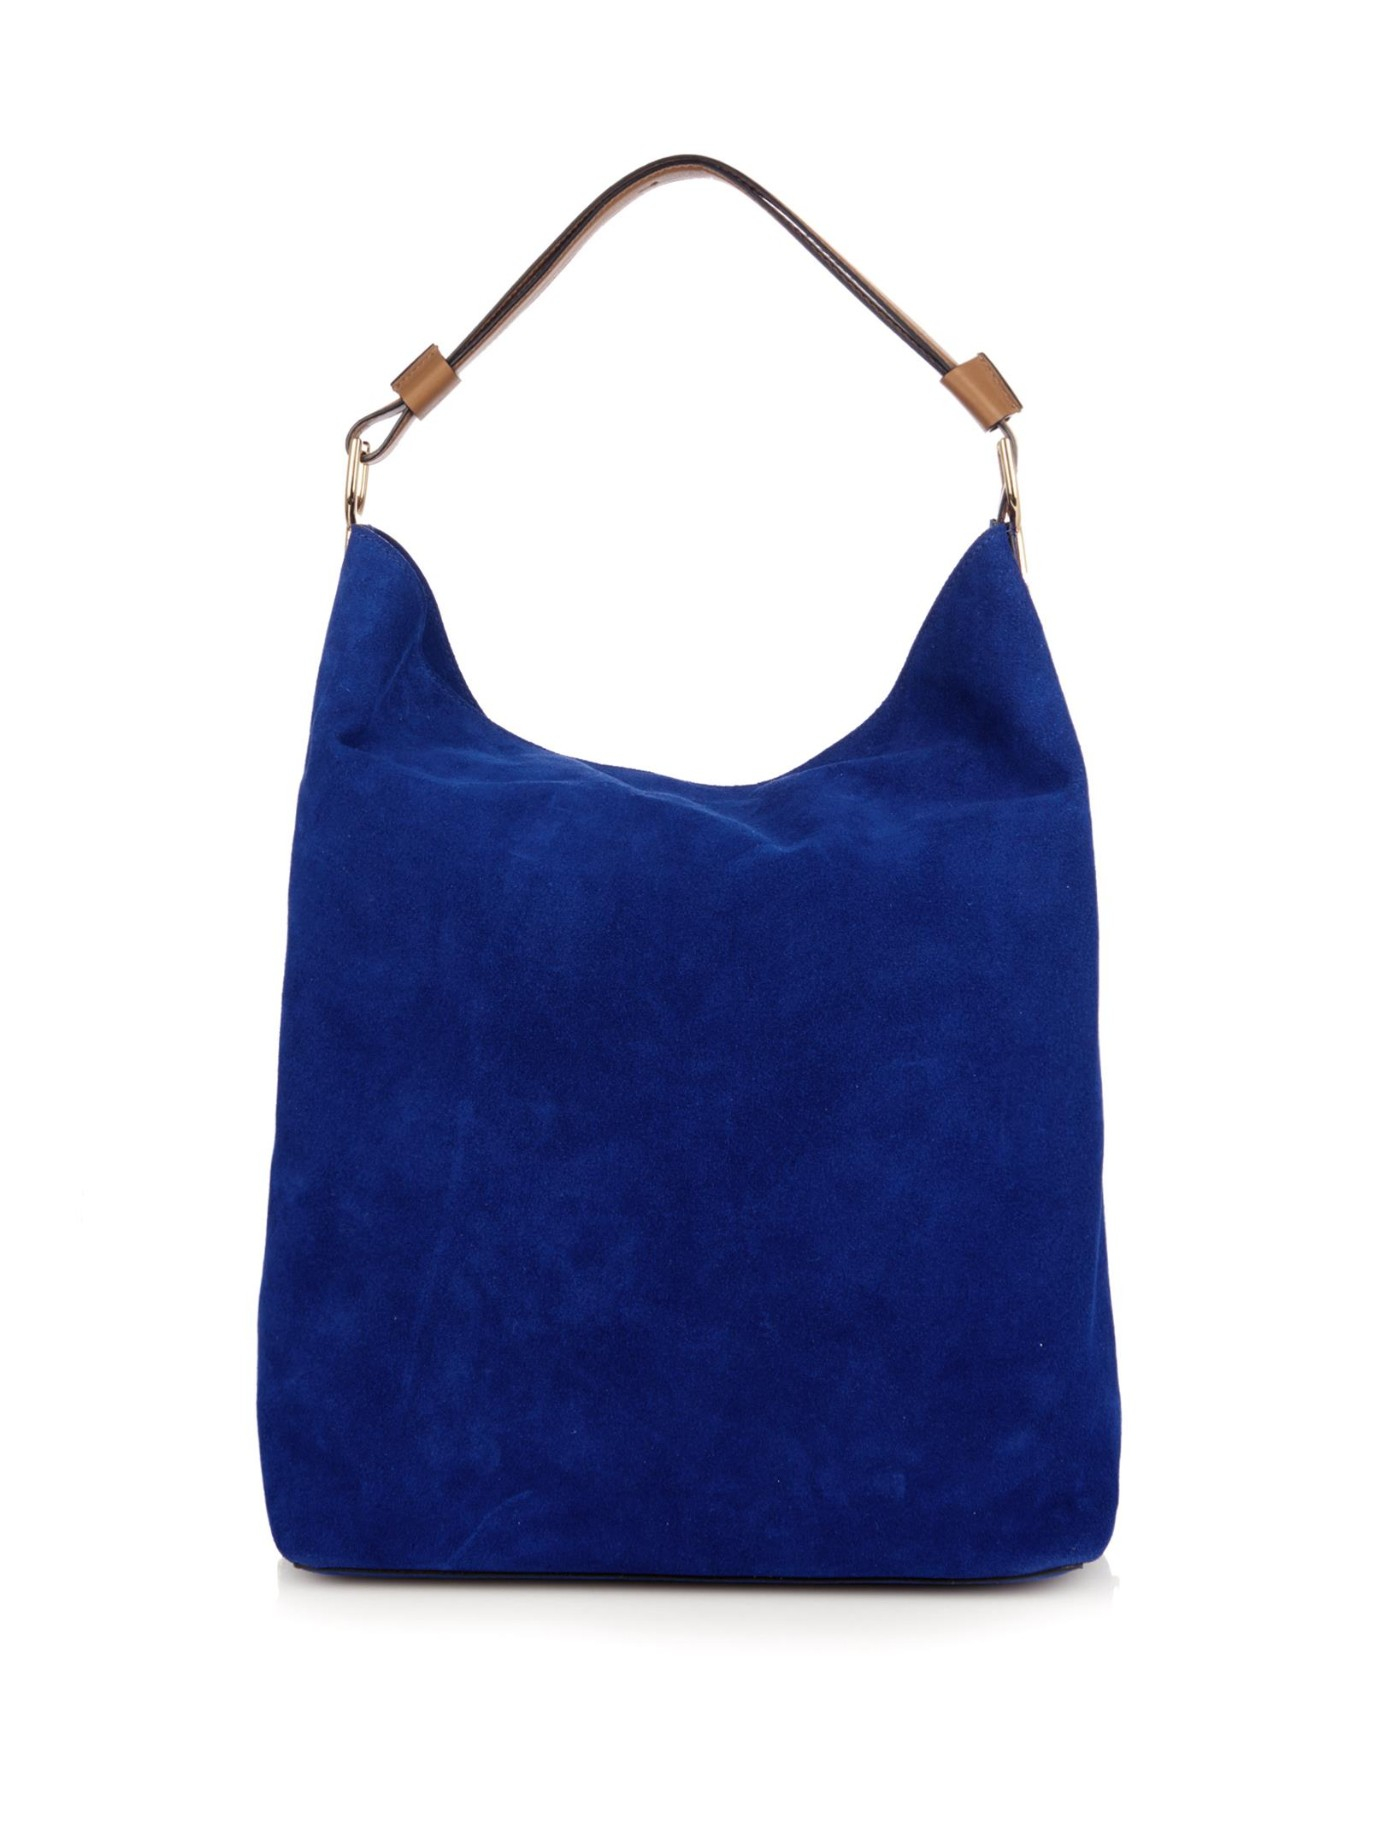 Marni Suede Shoulder Bag in Blue | Lyst